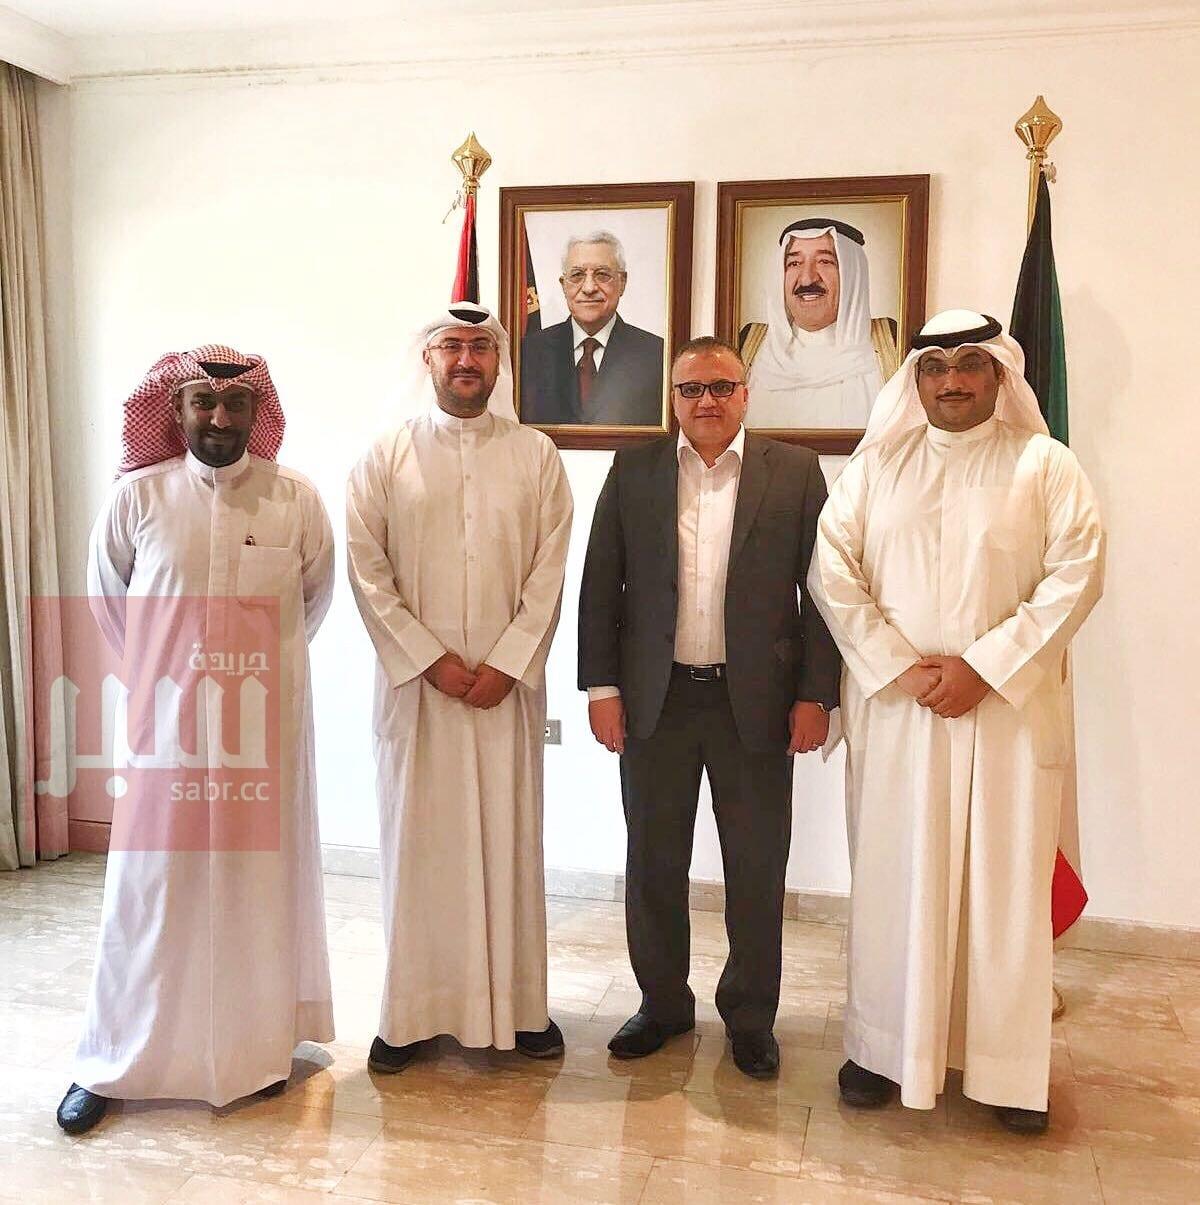 القوى السياسية الكويتية سلمت سفارة فلسطين رسالة تضامنية مع الشعب الفلسطيني وصموده